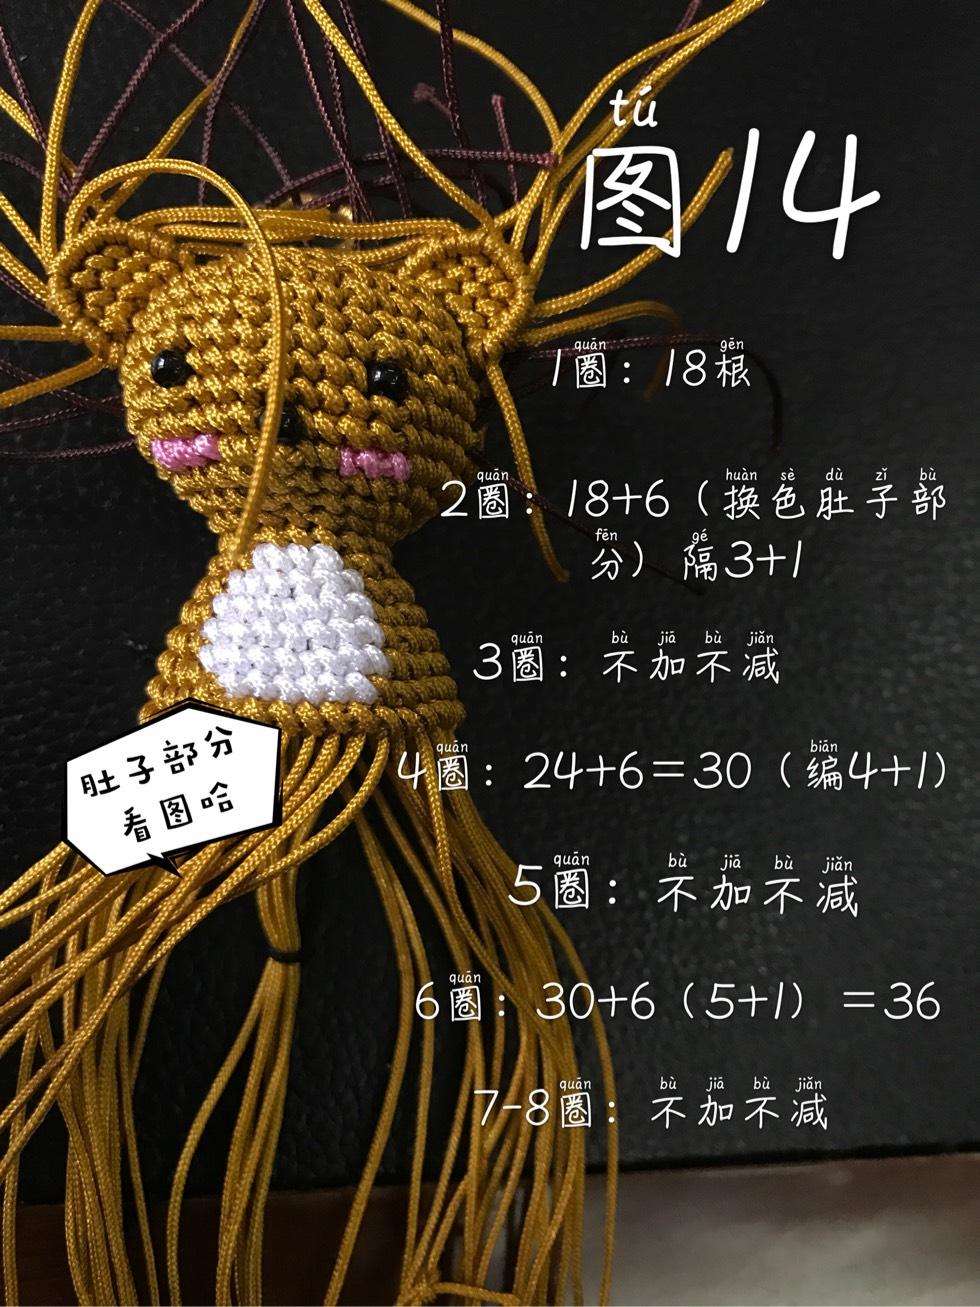 中国结论坛 嗷呜嗷呜的大狮子  图文教程区 193635a0szlo4b0o0jnos0